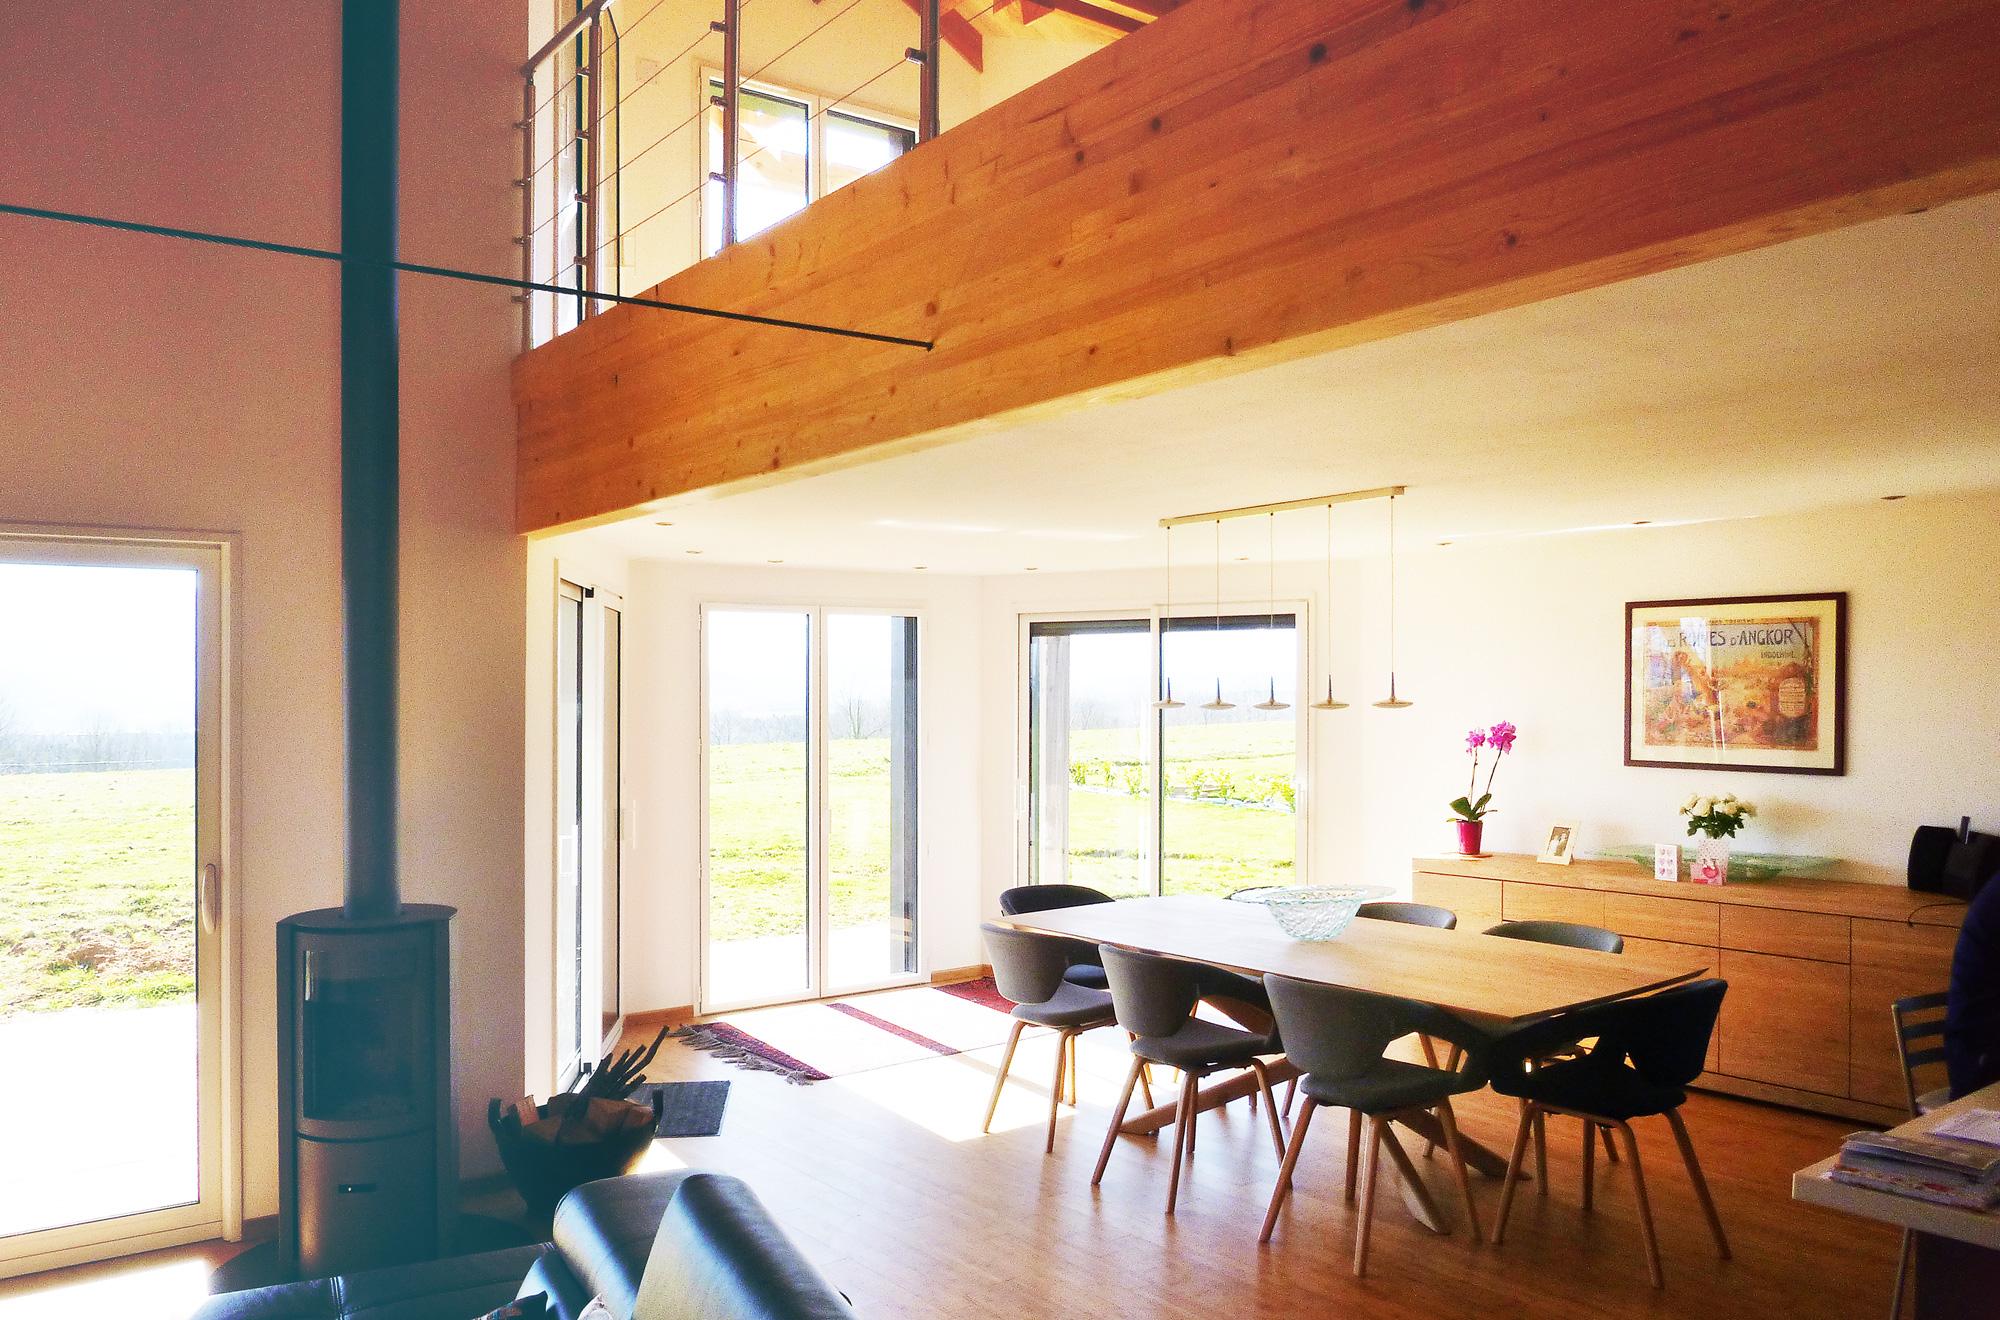 Accueil nature bois conception maisons bois gers for Conception maison bois